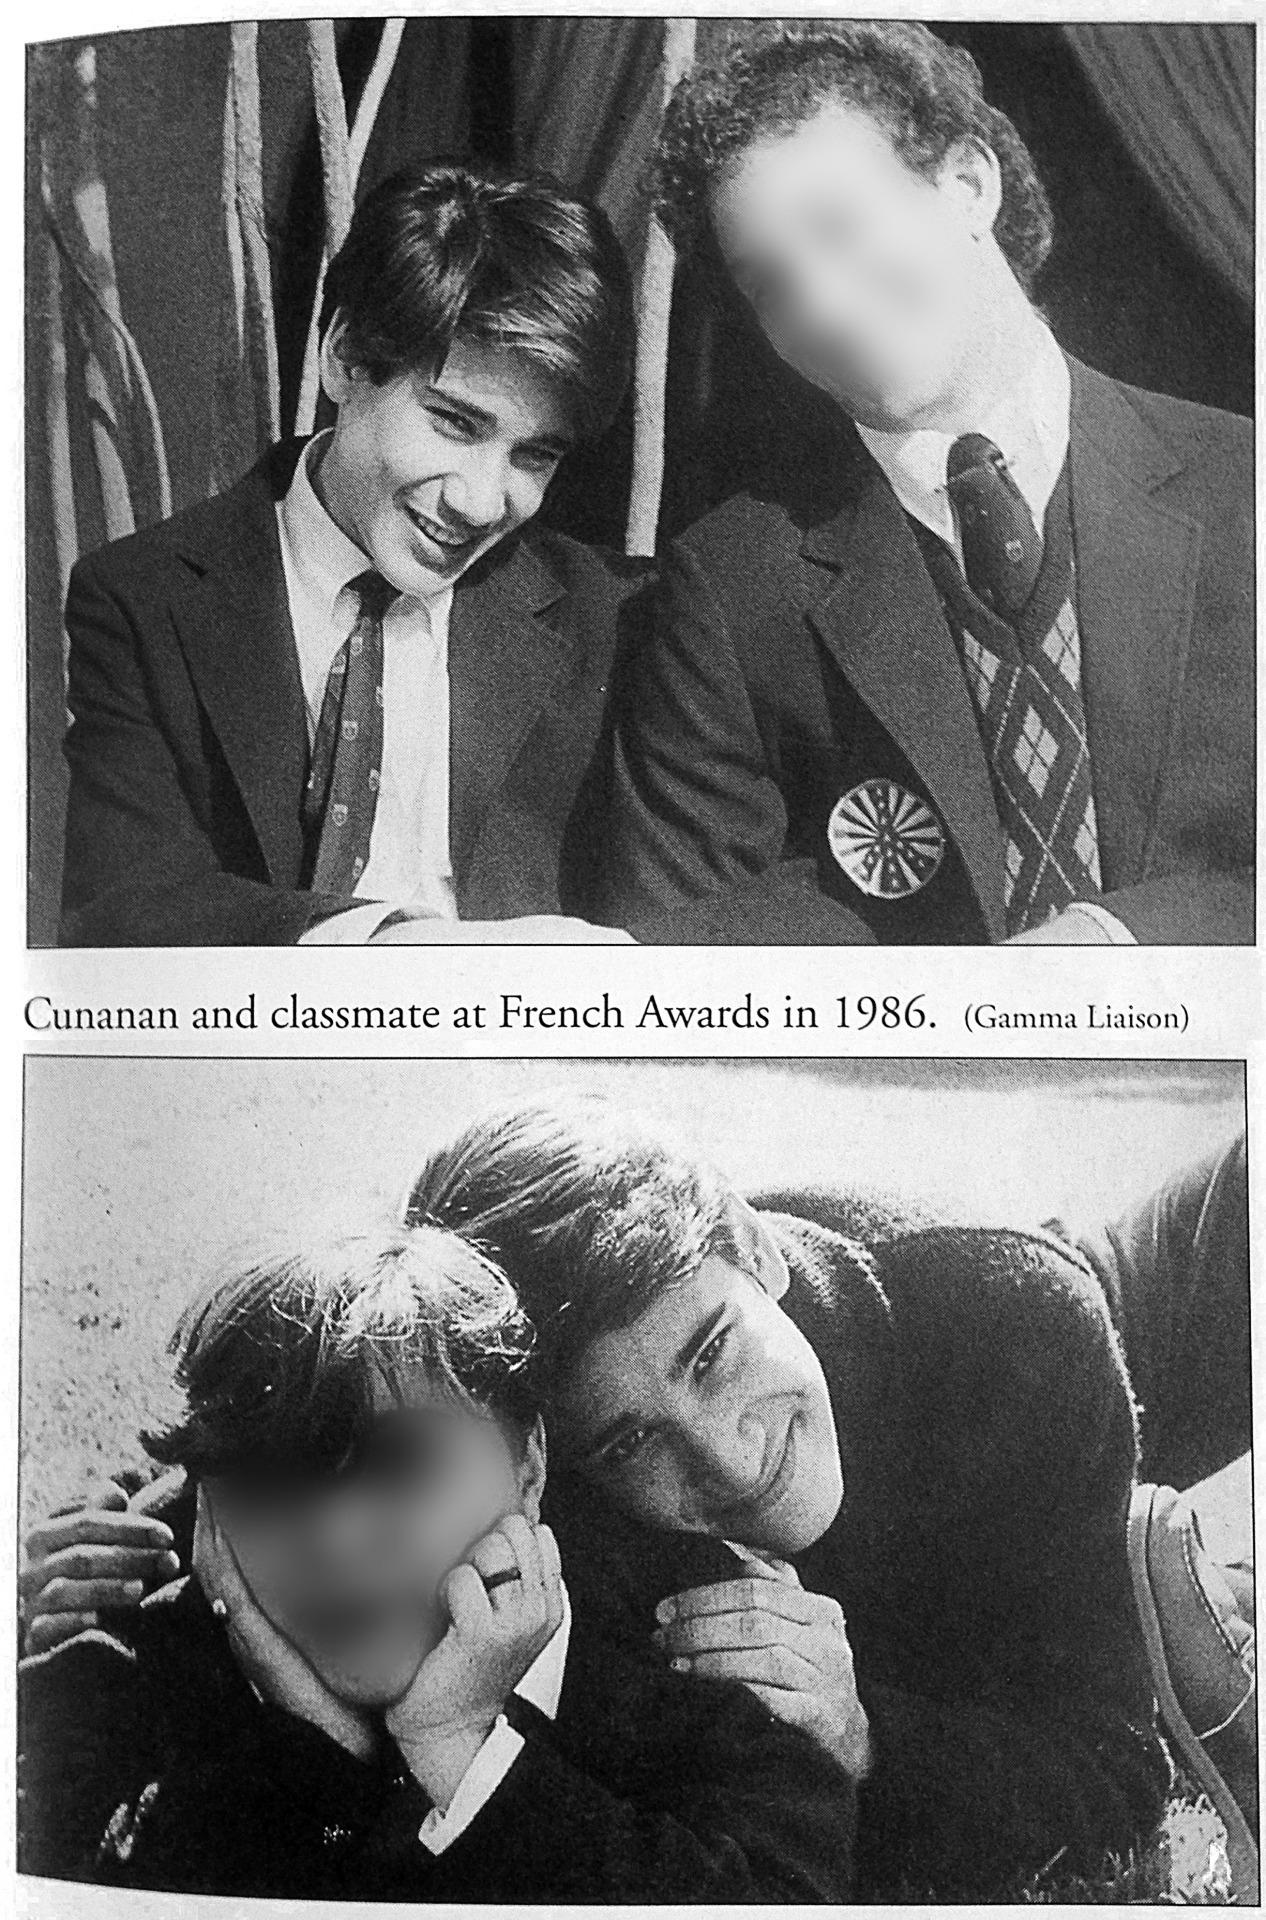 Andrew Cunanan, aos 16/17 anos, em 1986, com amigos de colégio.